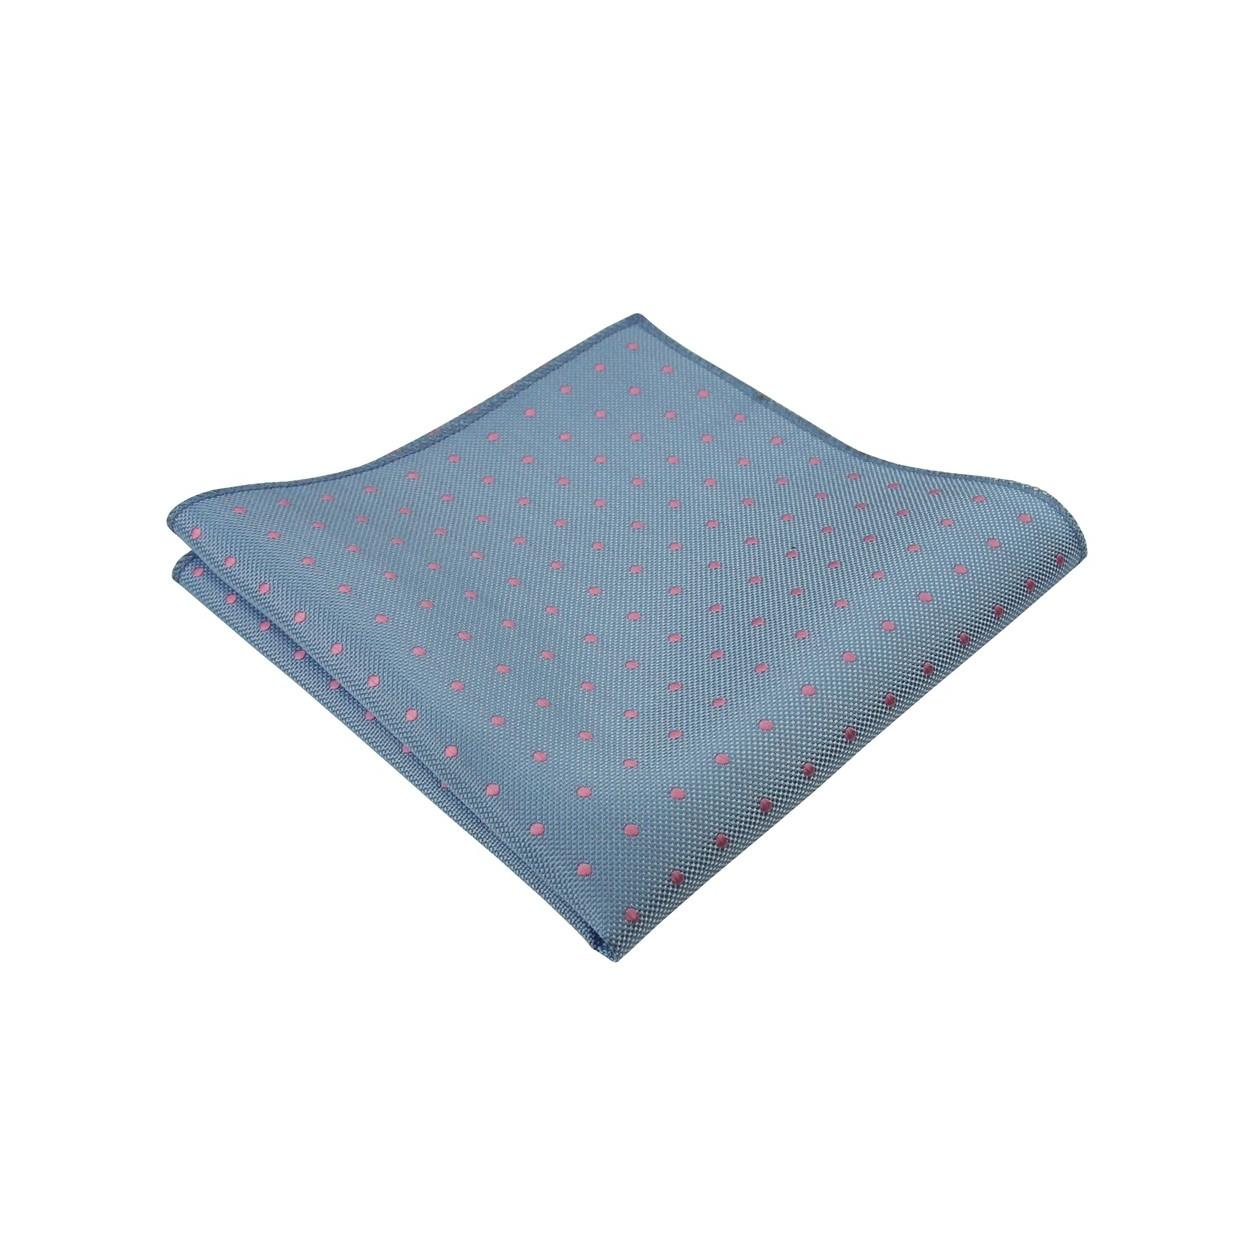 Světle modrý pánský kapesníček do saka s růžovými puntíky